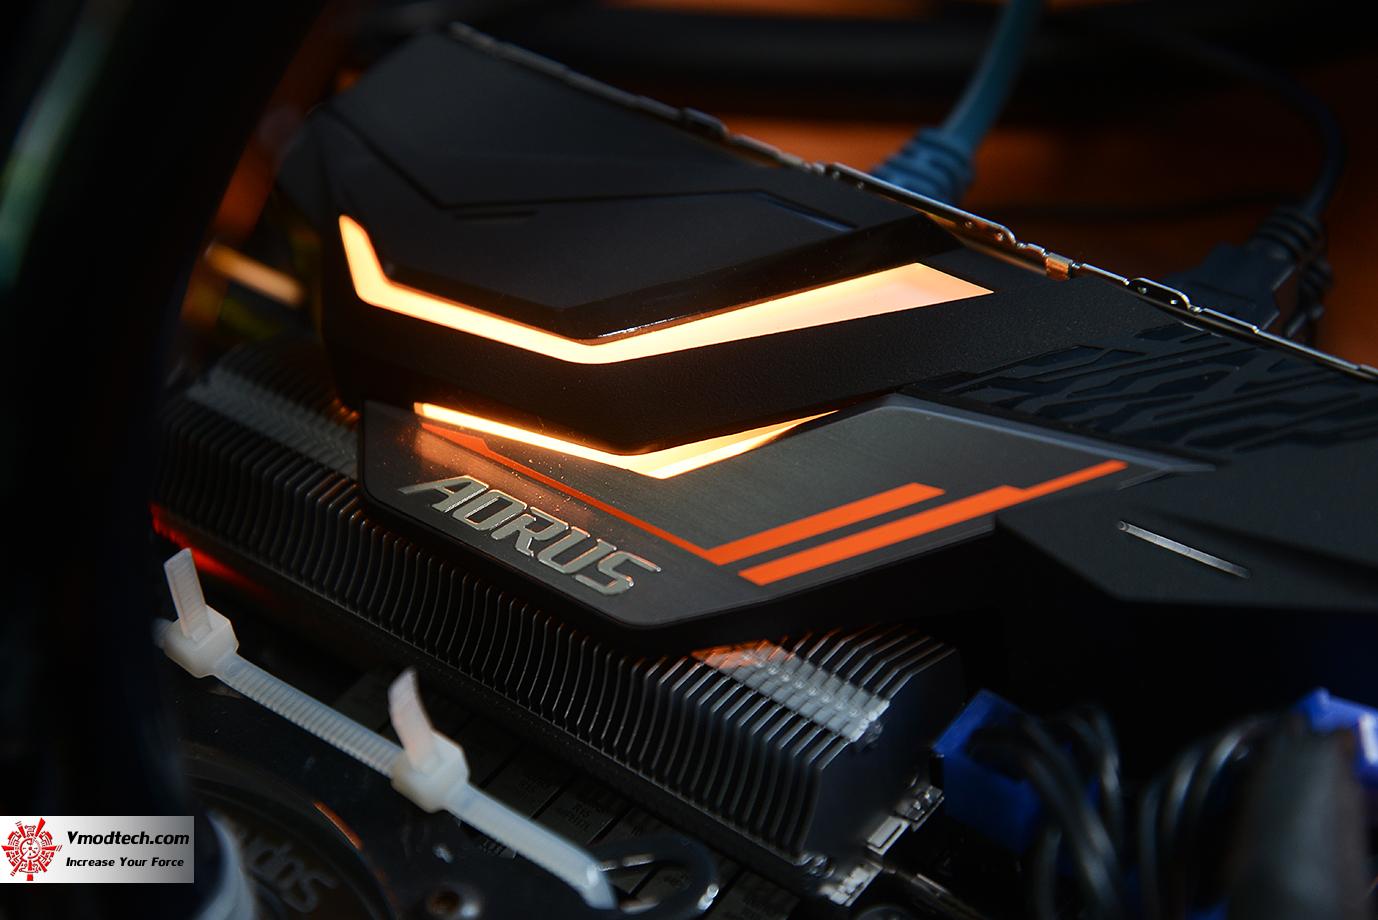 dsc 1583 AMD RYZEN 7 2700X PROCESSOR REVIEW